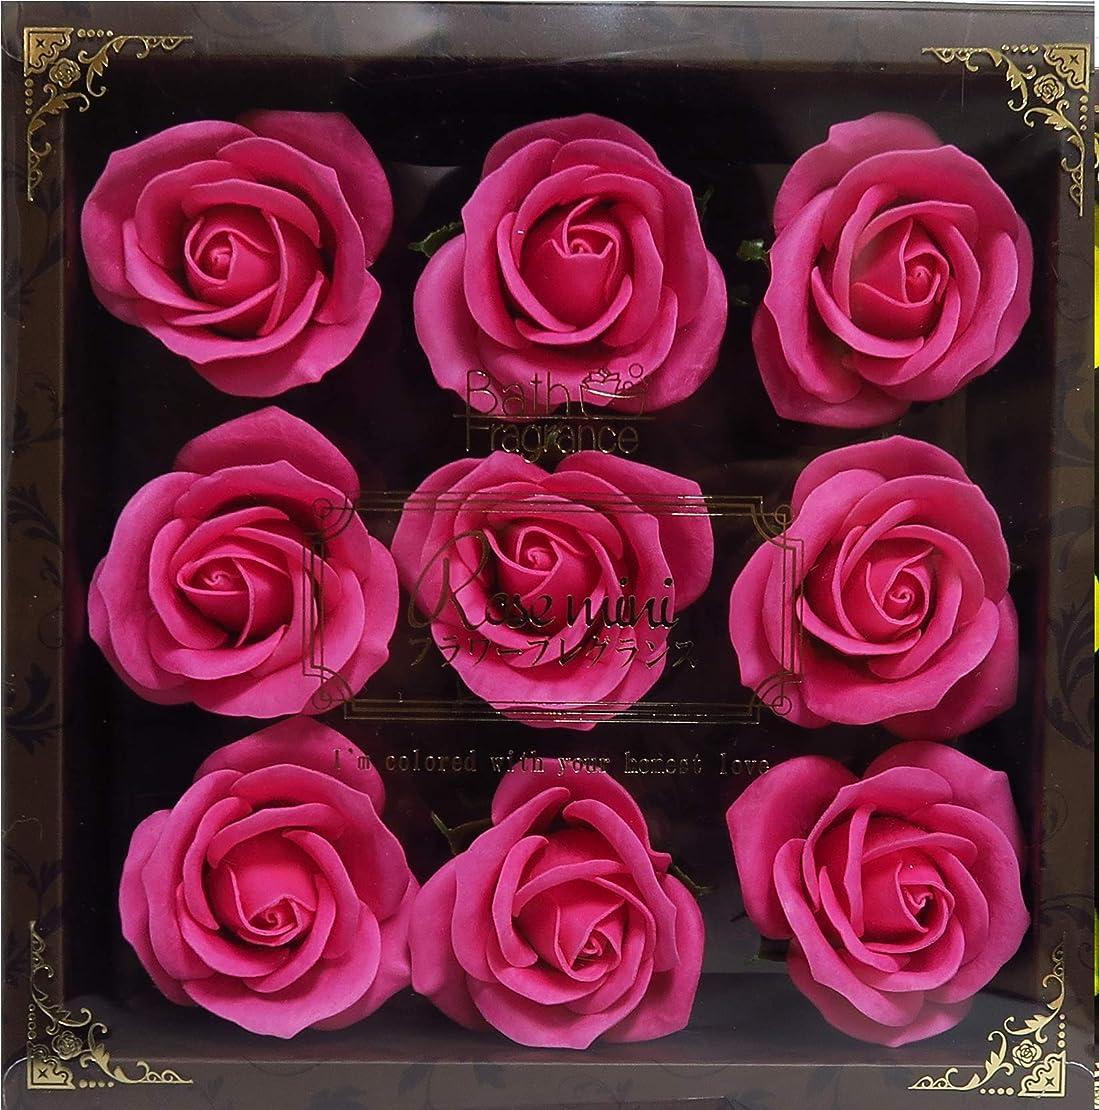 アイスクリームショートフォーラムバスフレグランス バスフラワー ミニローズフレグランス(L)ローズピンク お花の形の入浴剤